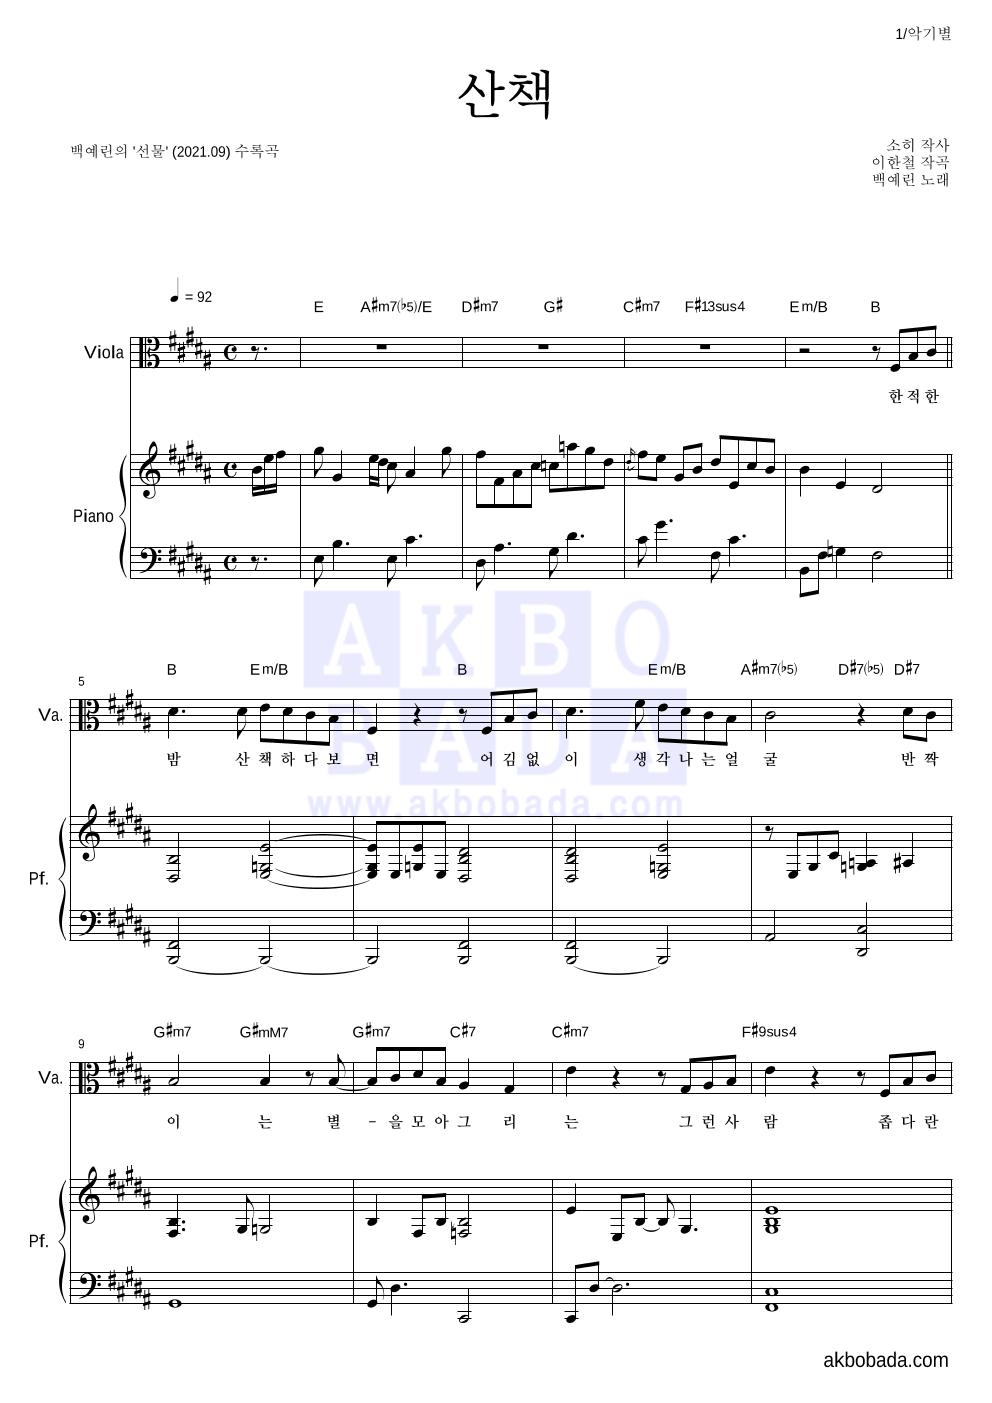 백예린 - 산책 비올라&피아노 악보